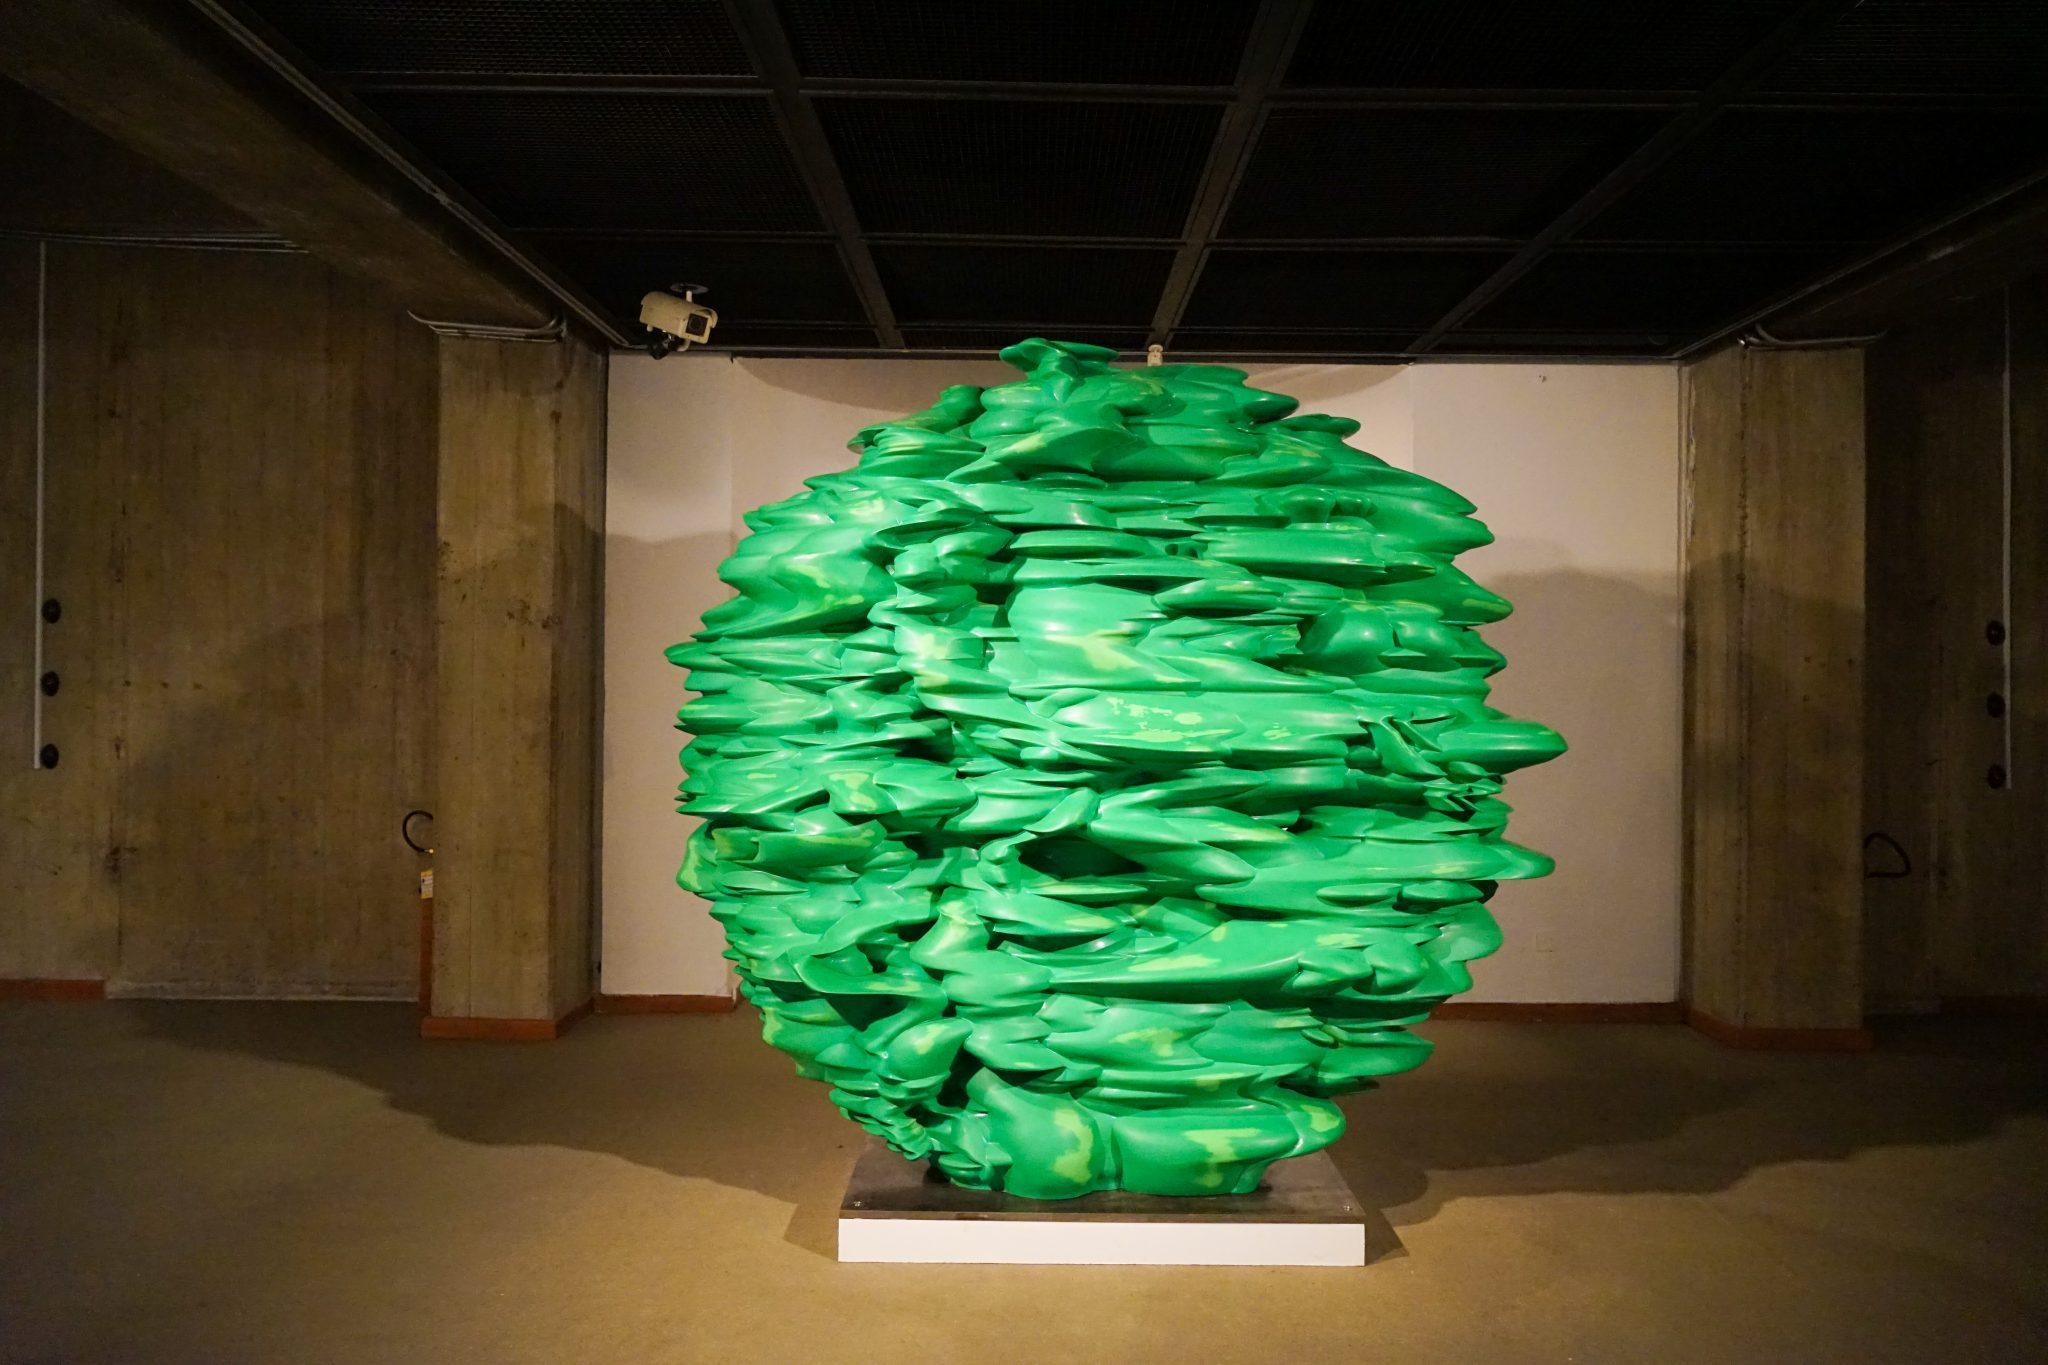 Что посмотреть в Тегеране: музей современного искусства. Еще больше про Иран в блоге Bazariran.ru